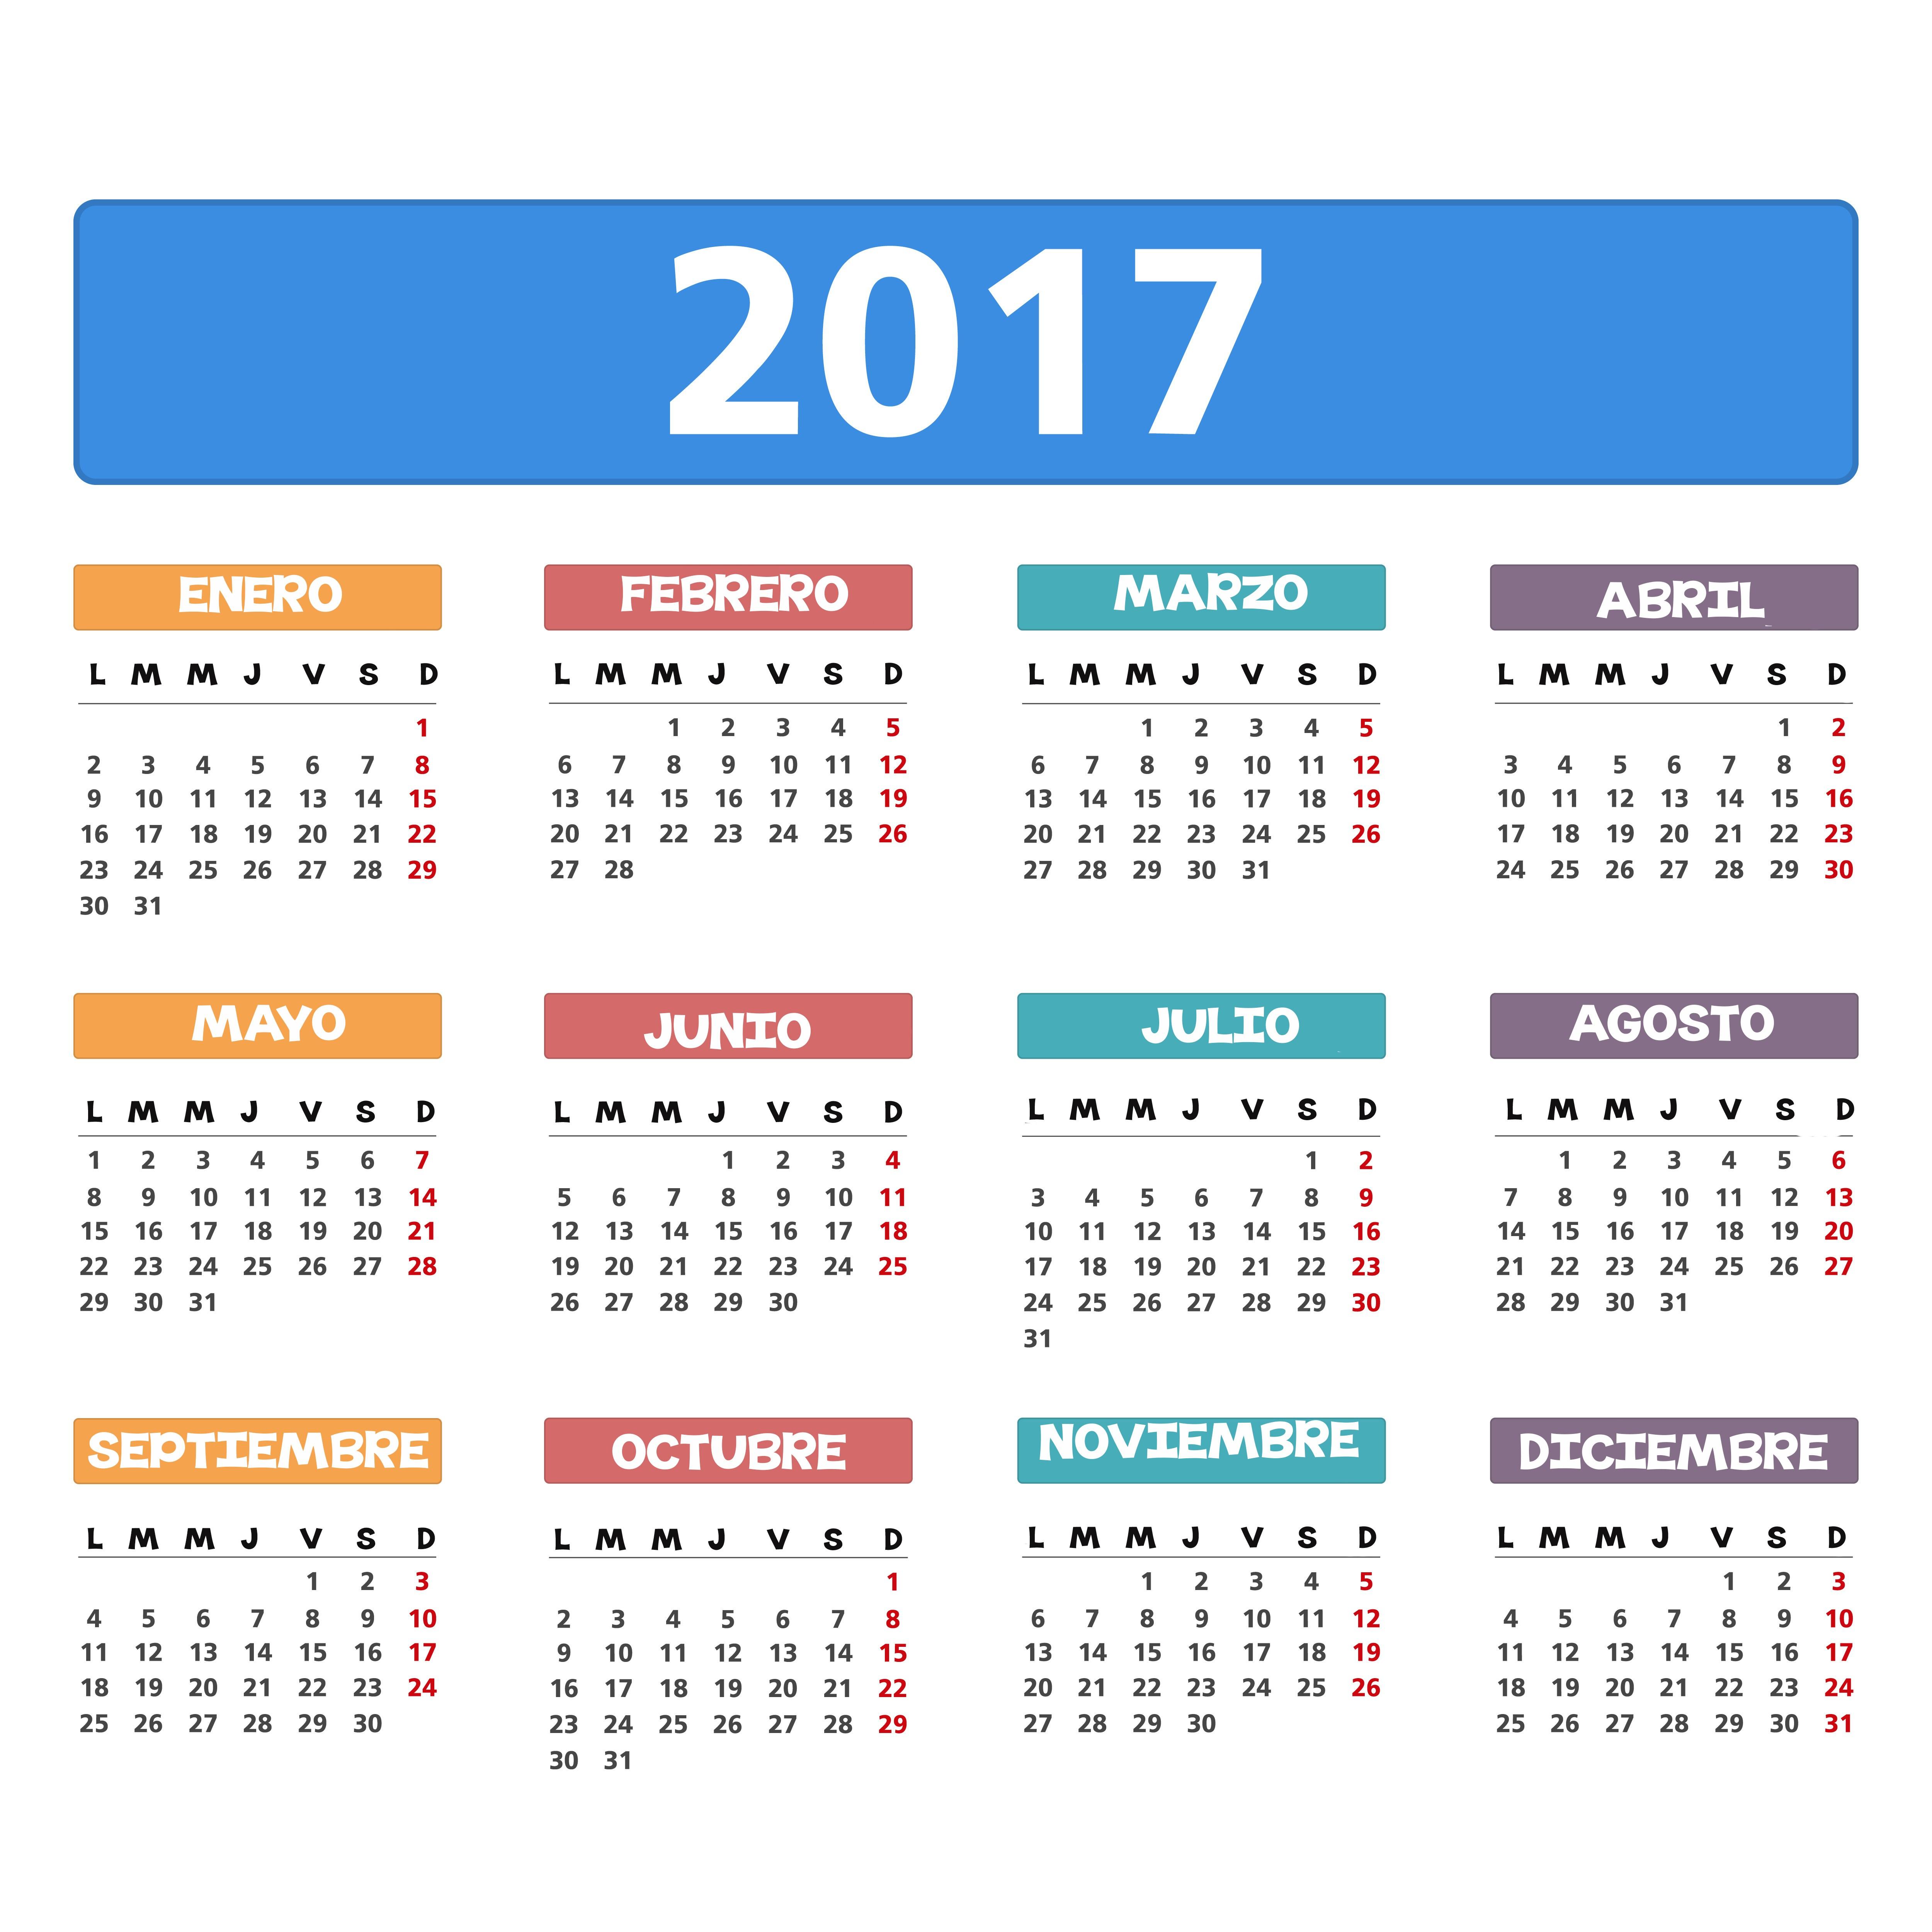 Calendario Para Imprimir Noviembre 2017 Chile Más Recientes Imprimir Calendario Mes A Mes top Calendario Para Imprimir top Of Calendario Para Imprimir Noviembre 2017 Chile Más Recientes Imprimir Calendario Cheap Calendario Noviembre Calendario Anual